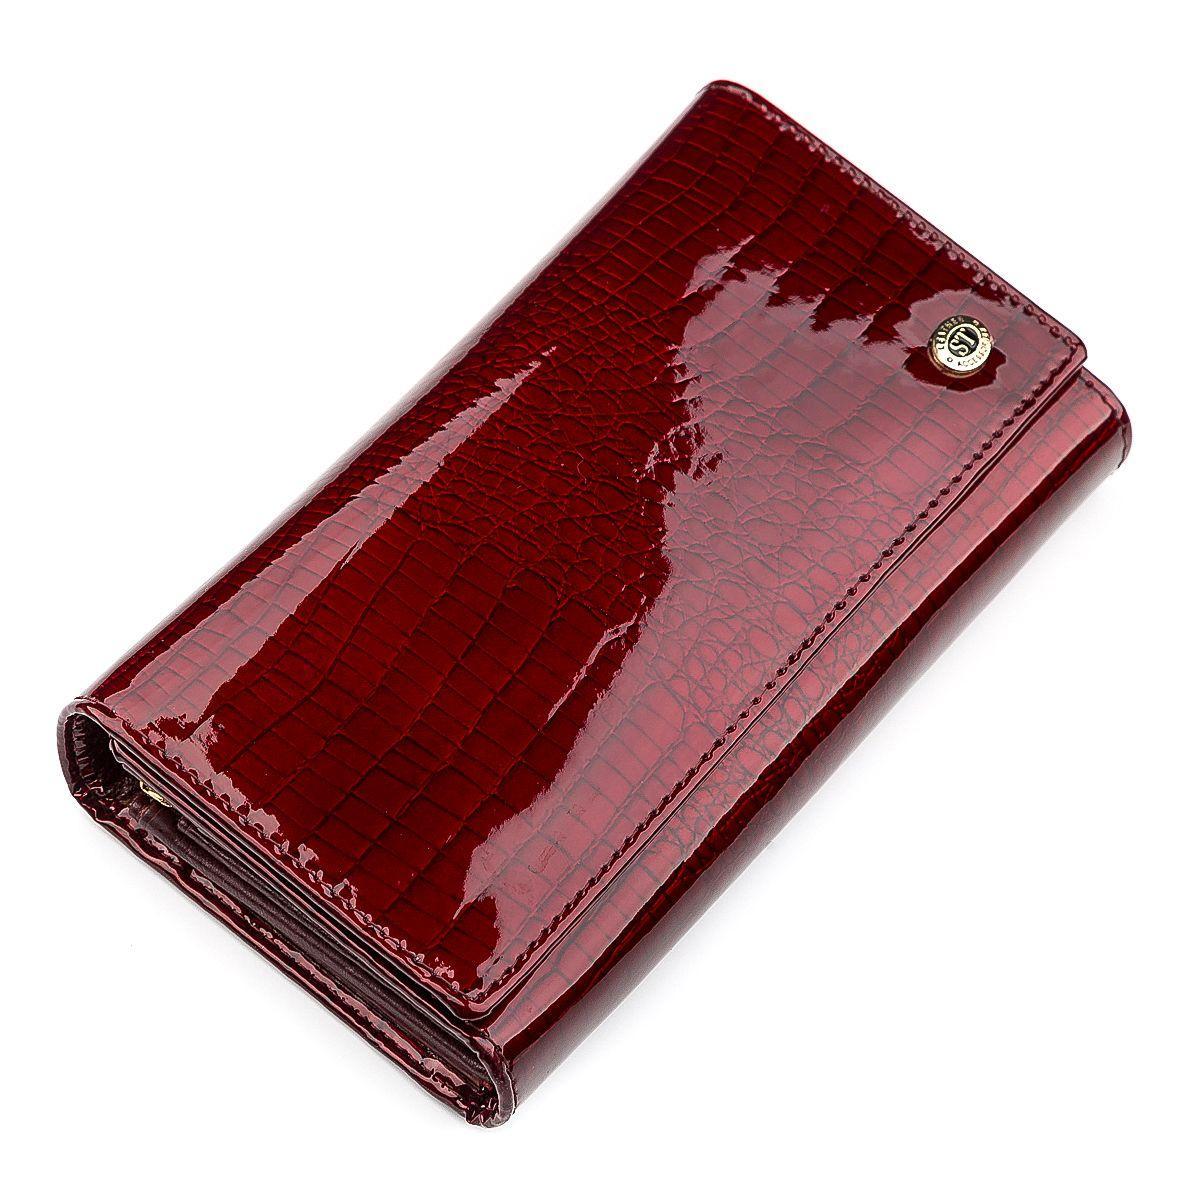 Кошелек женский ST Leather 18429 (S8001A) многофункциональный Бордовый, Бордовый